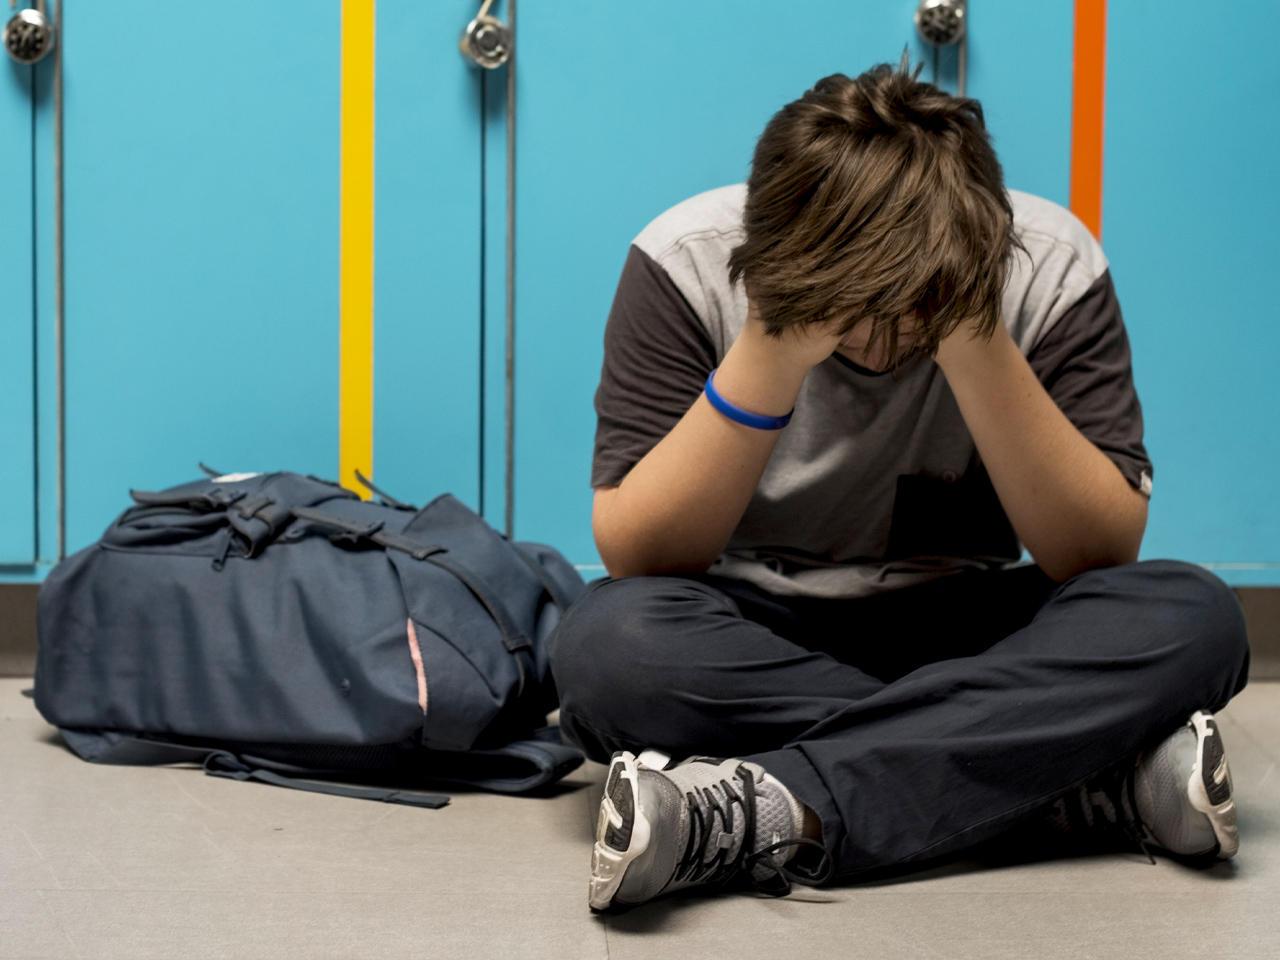 ٢٠٢١٠٧٣٠ ٢٣١٤٥٤ - #دراسة_ألمانية: الصحة النفسية للطلاب لا تقل أهمية عن التعليم.  #العبدلي_نيوز